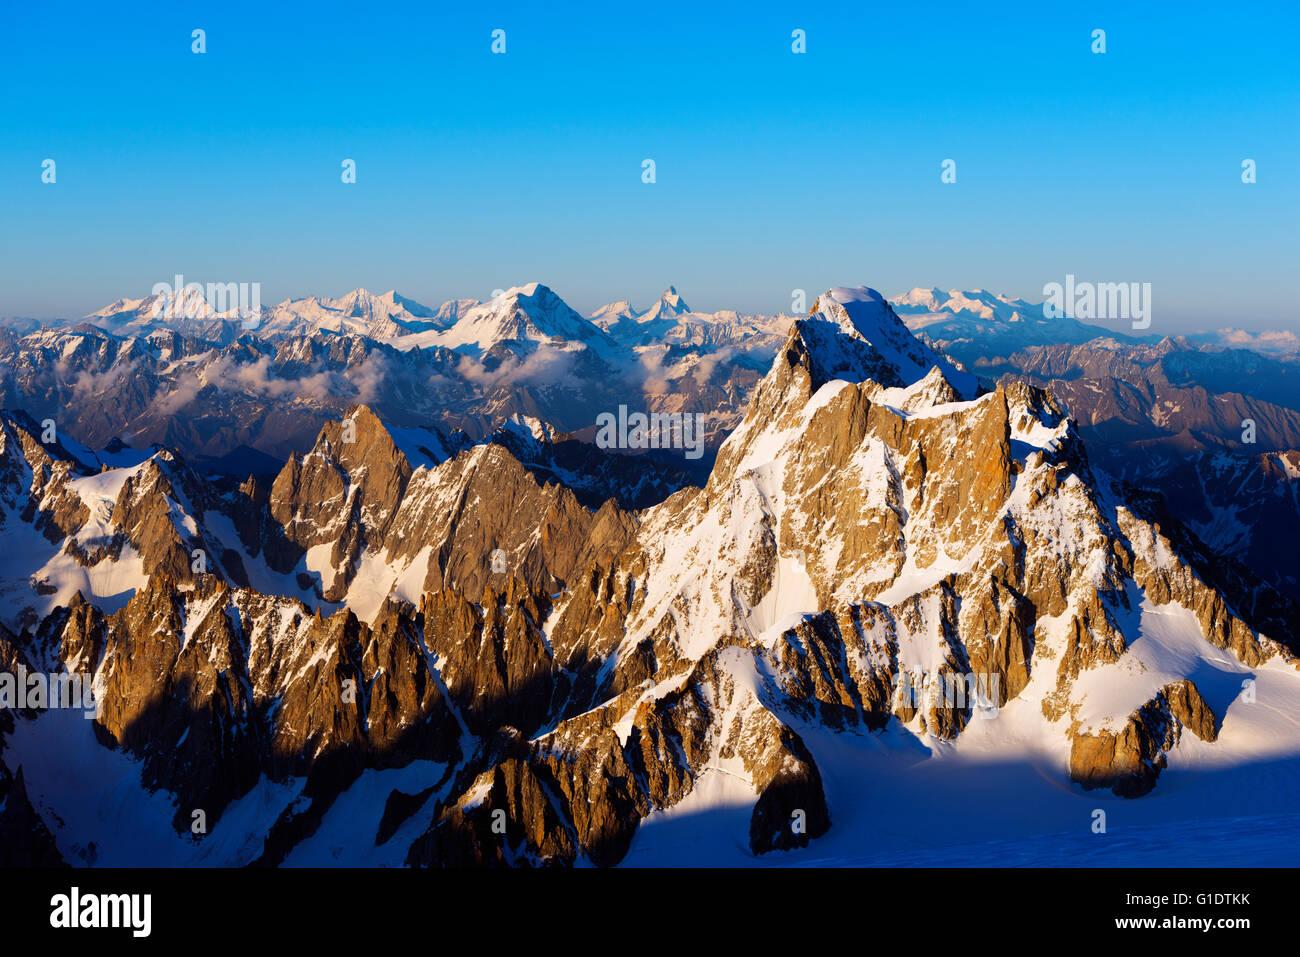 Europe, France, Haute Savoie, Rhone Alps, Chamonix, Grand Jorasses and Grand Combin and Matterhorn in Switzerland - Stock Image